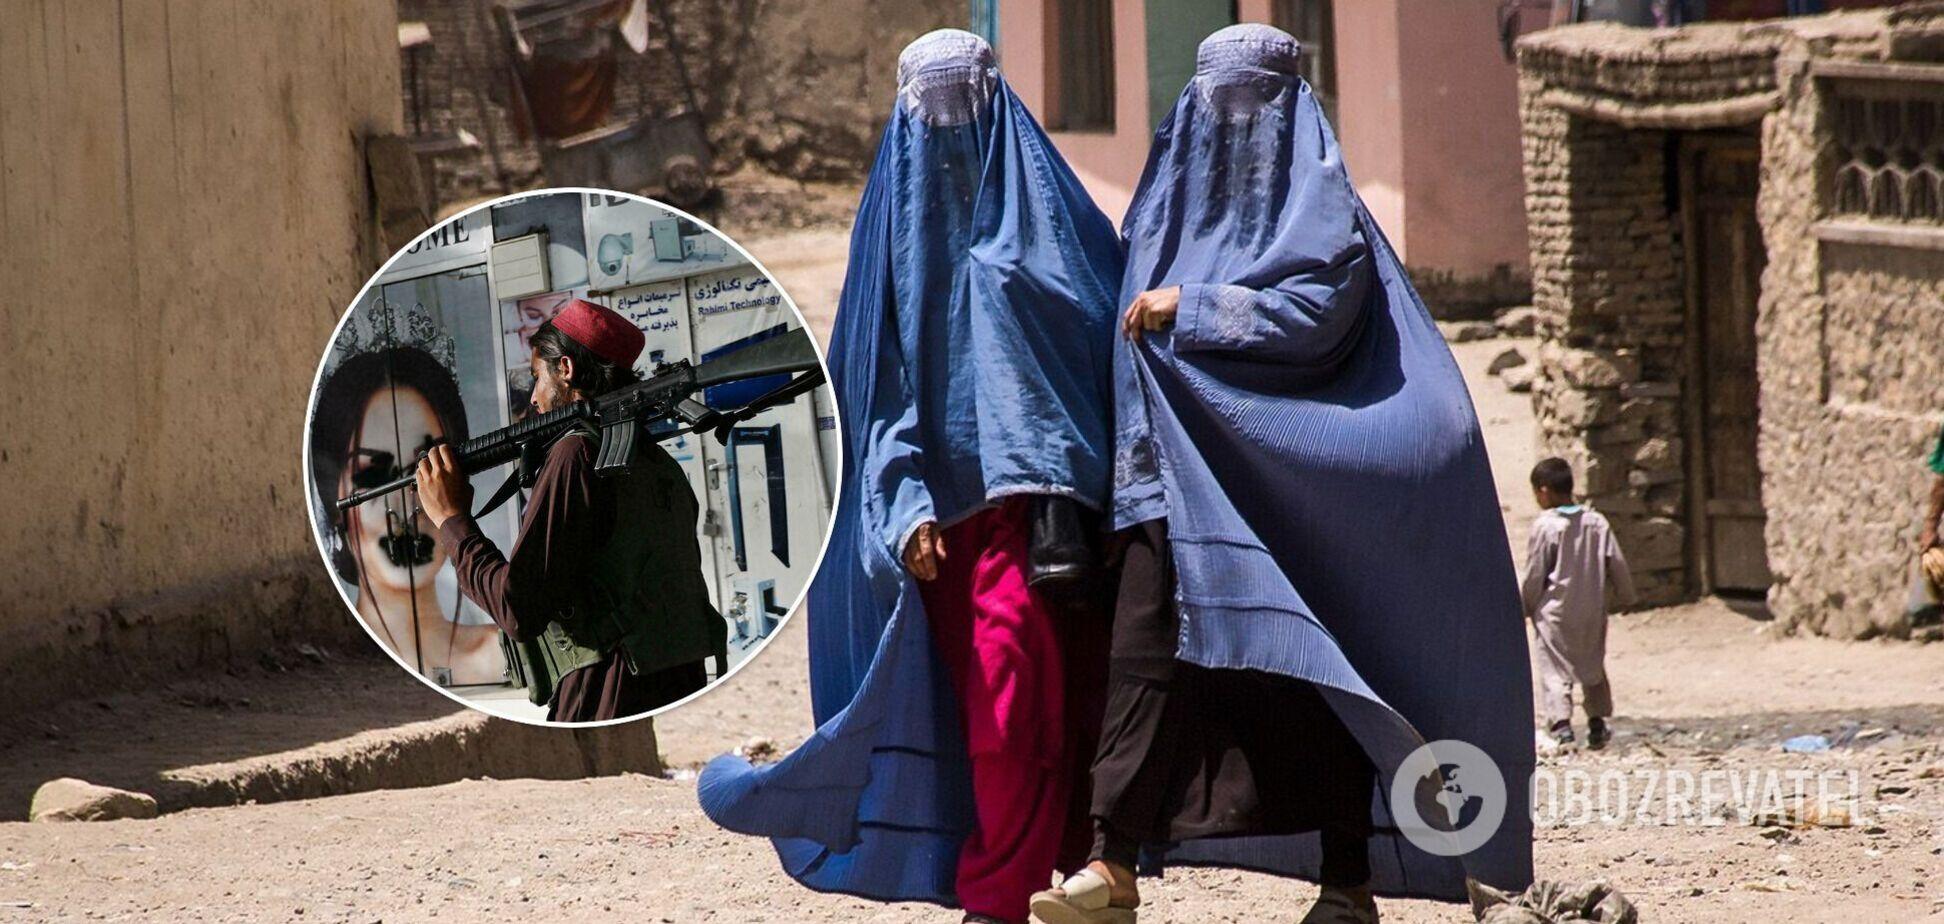 Захваченный Талибаном Афганистан